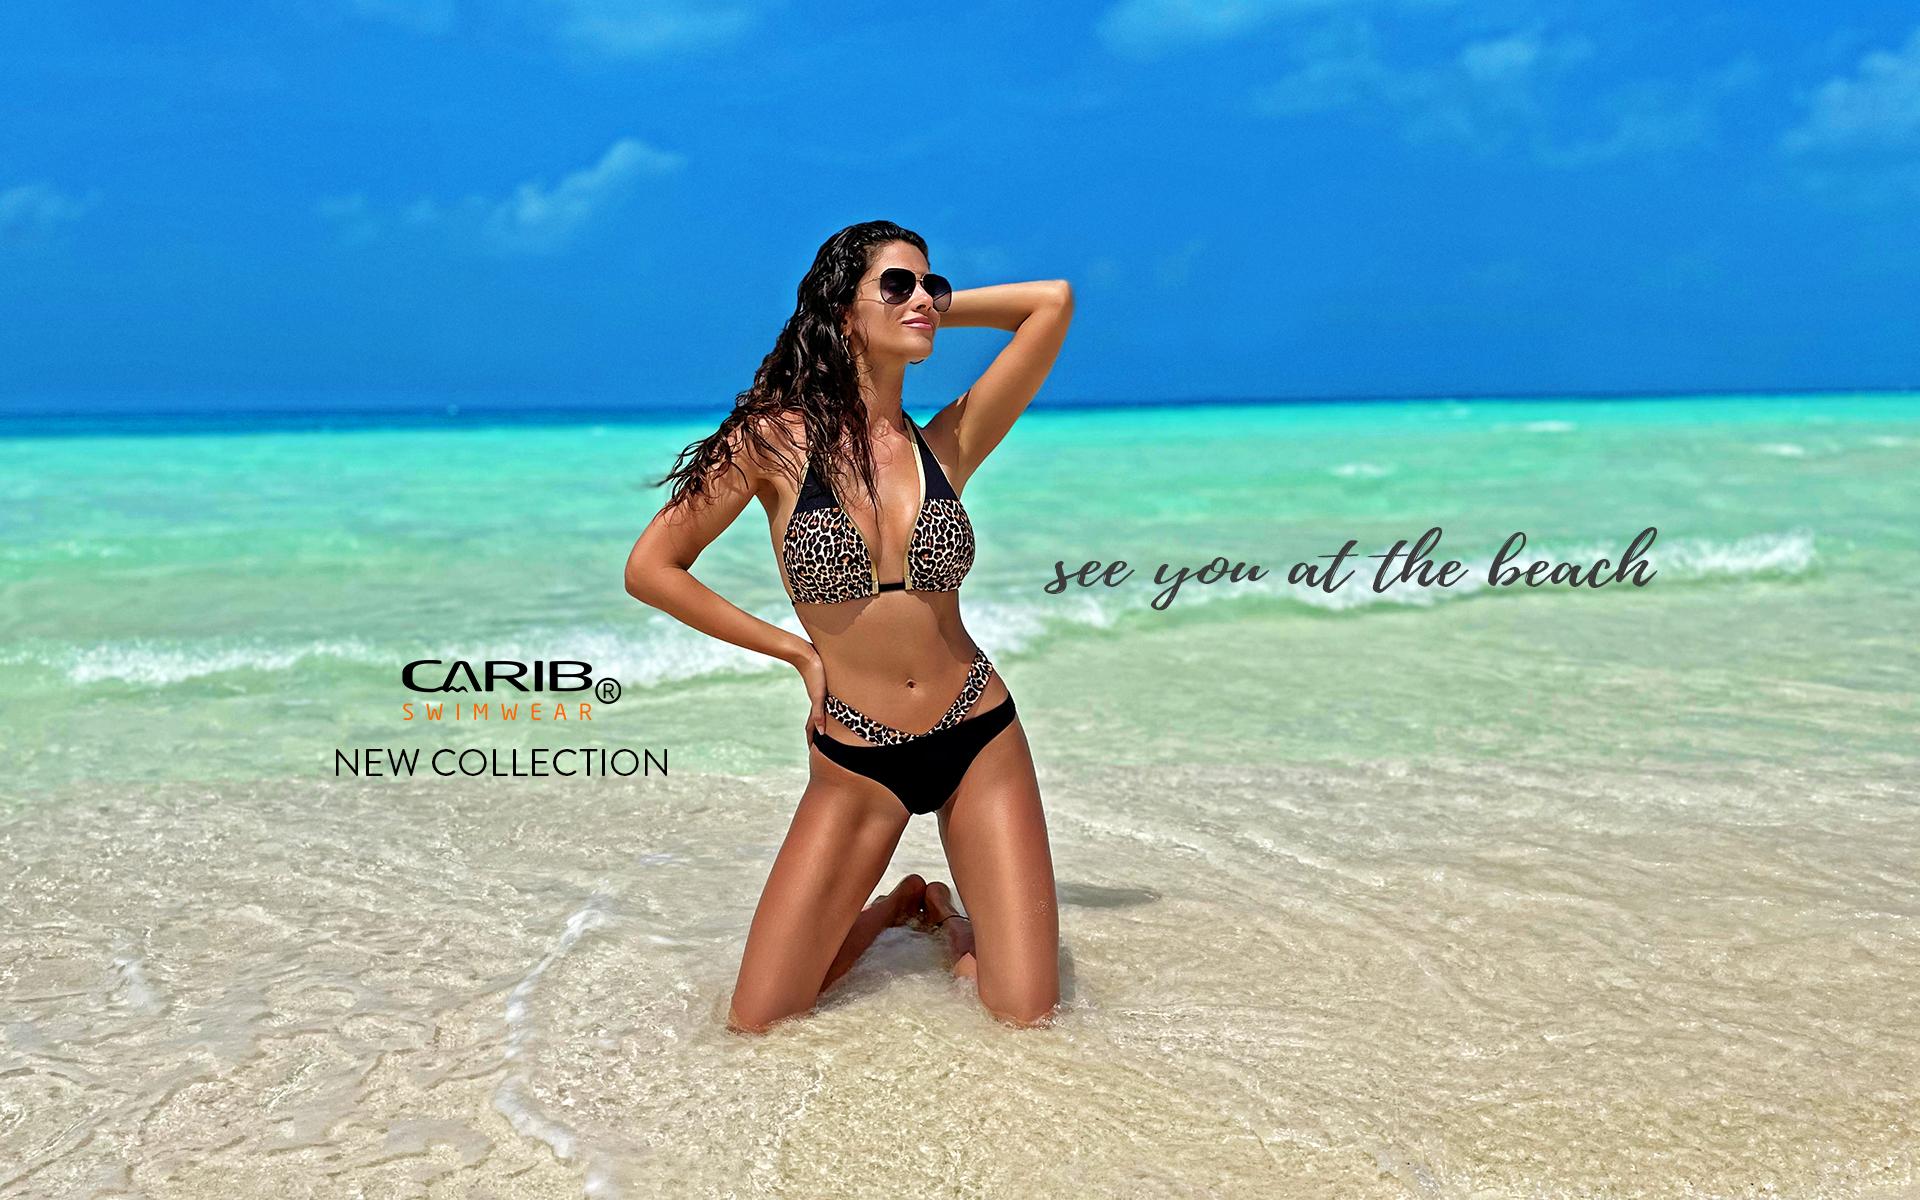 carib-furdoruha-bikini-2021-kollekcio-slider-1-